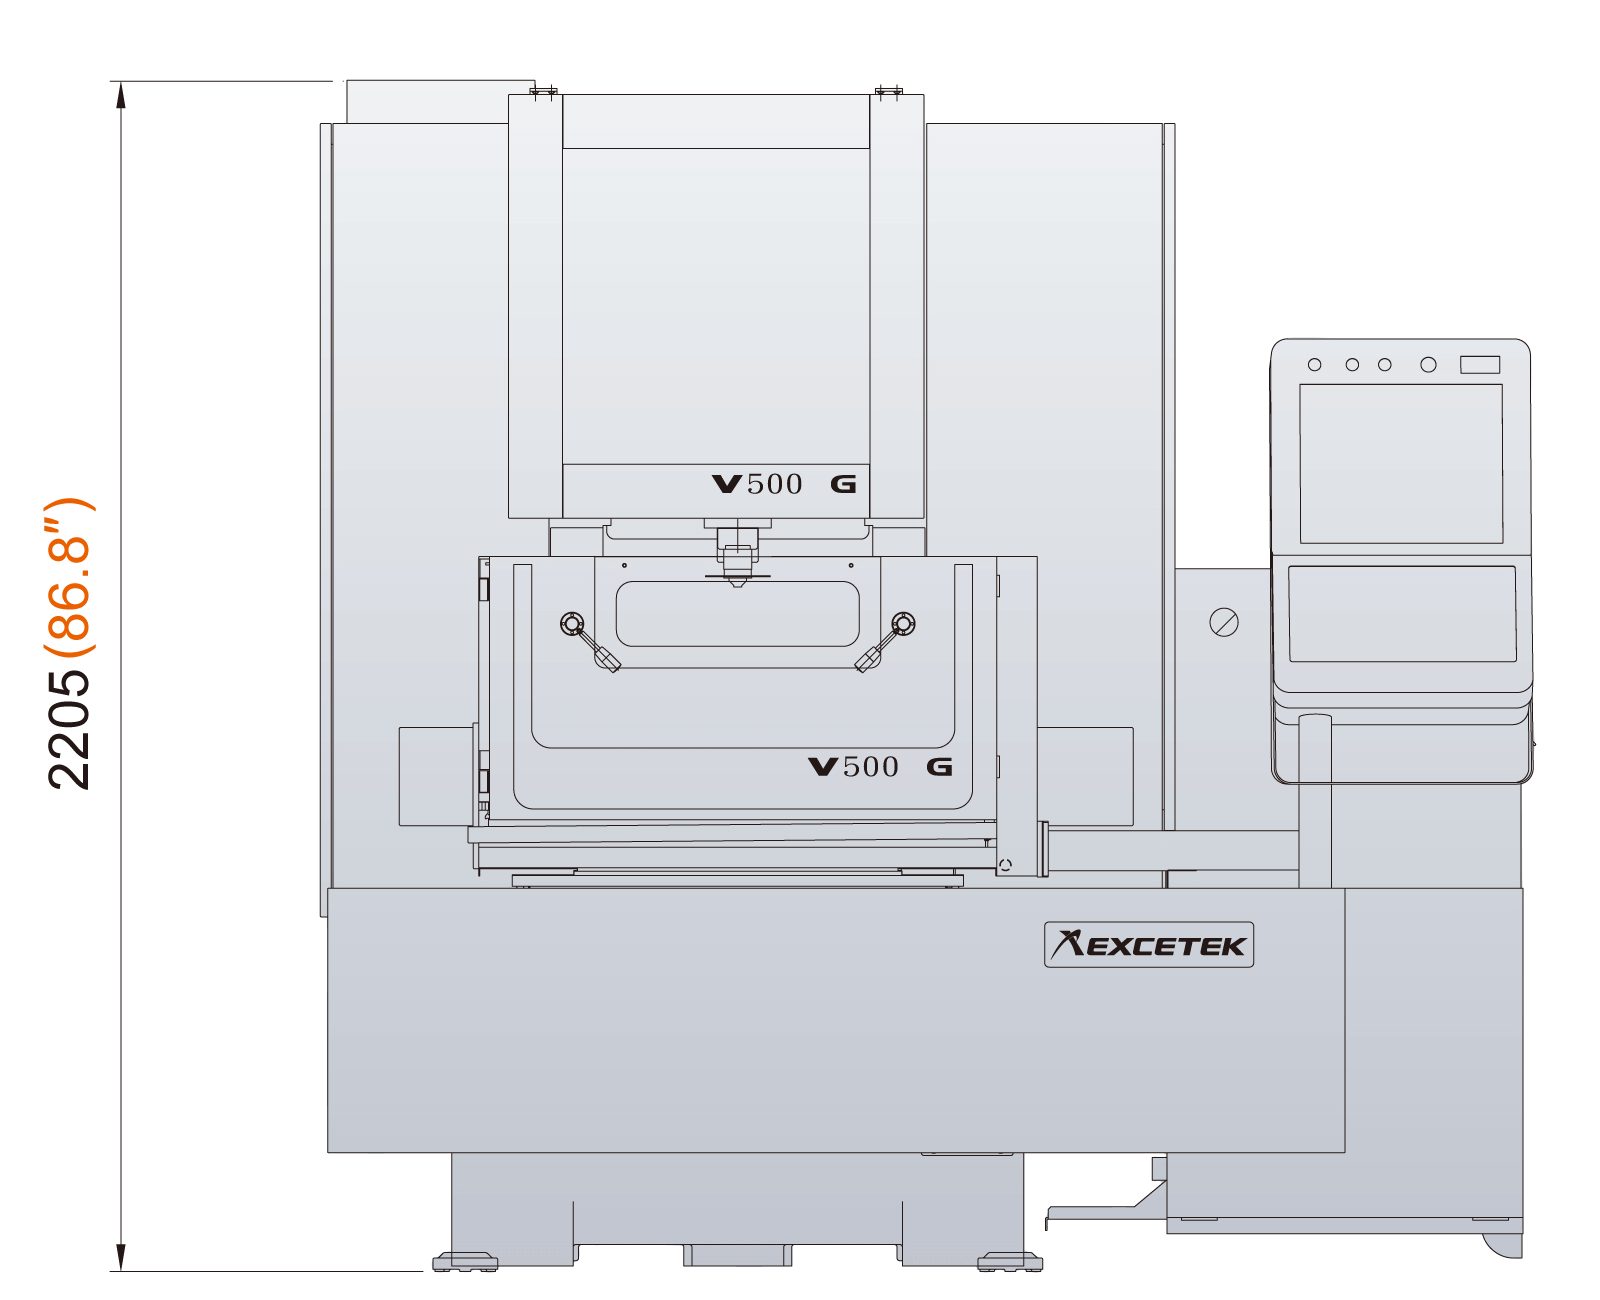 Excetek V500G dimensions front